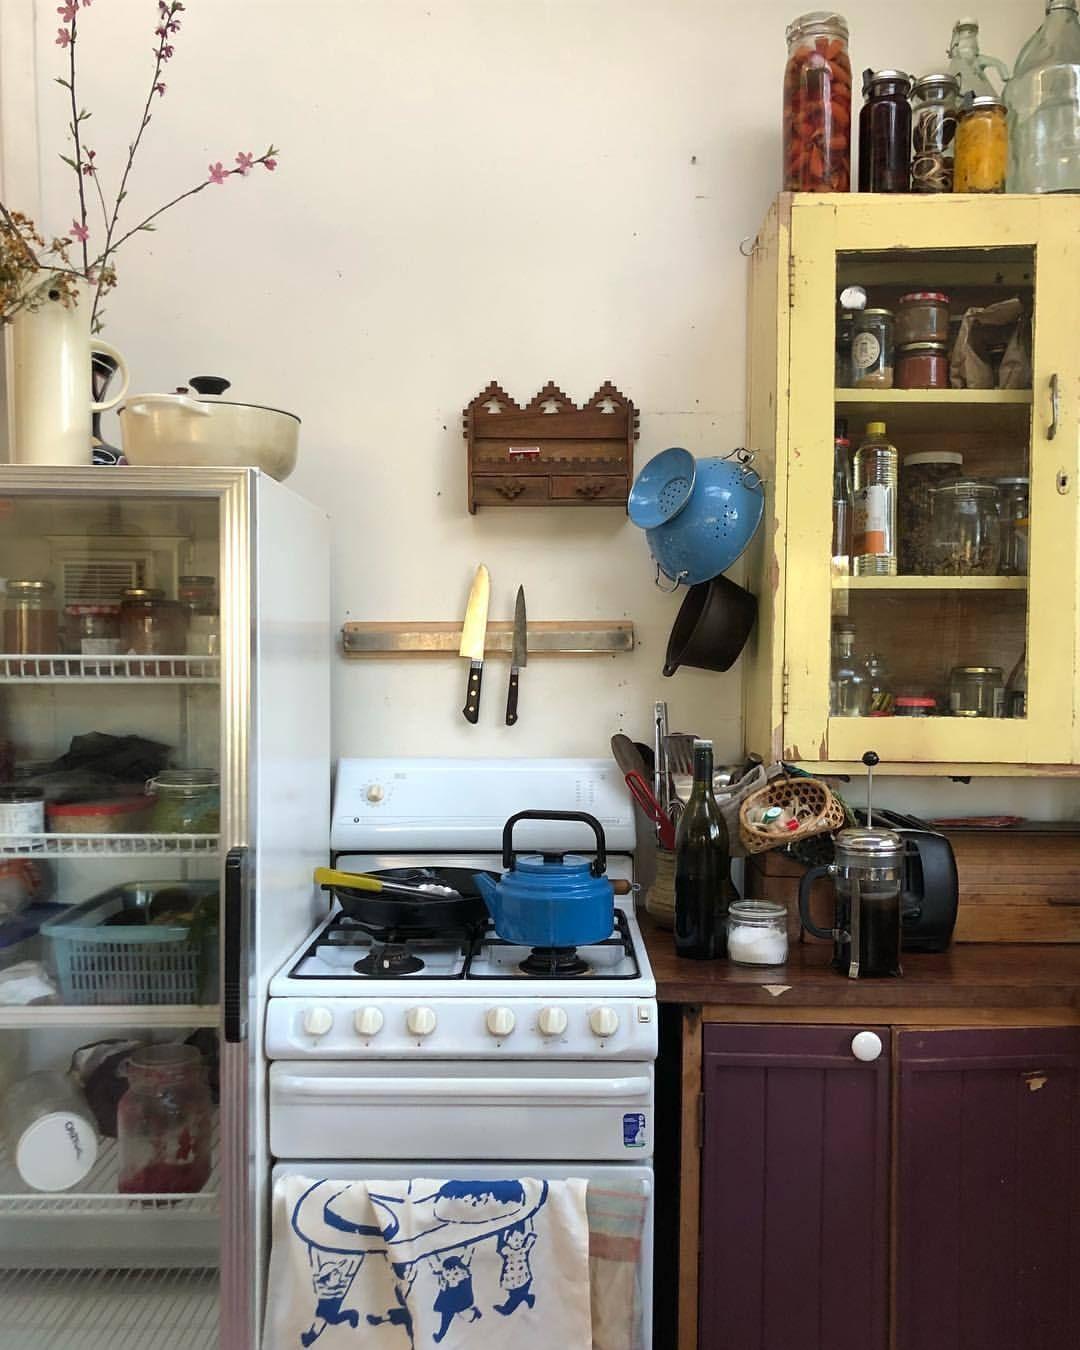 Mediterranean Kitchen Kirkland: Where U Go, I Go Too